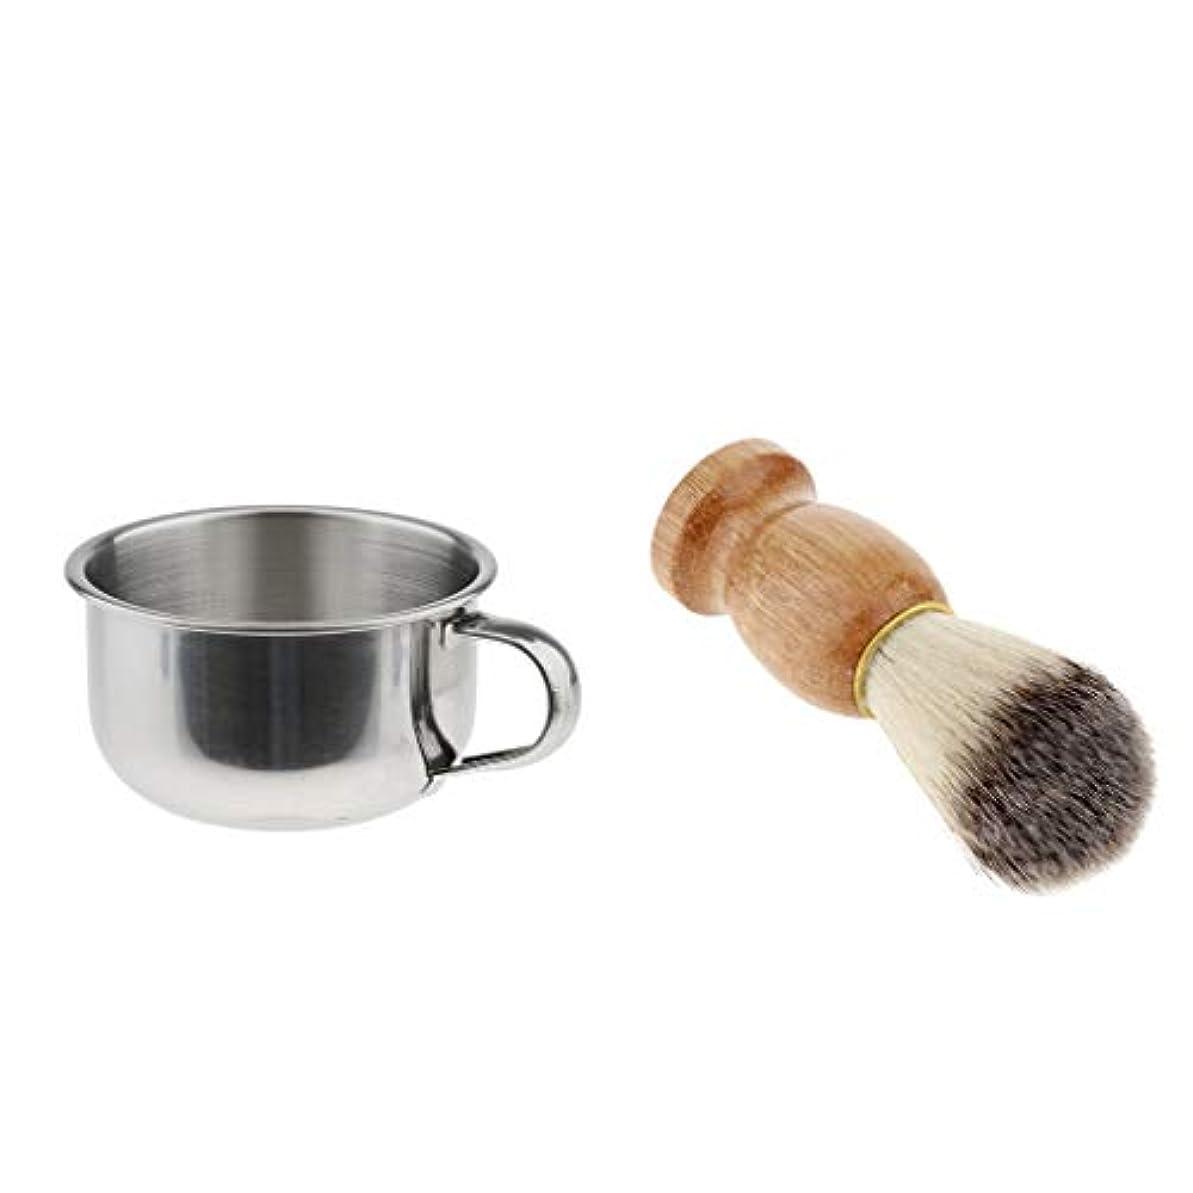 スプーン持つ屋内でシェービングブラシ 理容 洗顔 髭剃り メンズ 石鹸ボウル シェービングマグ 髭剃り